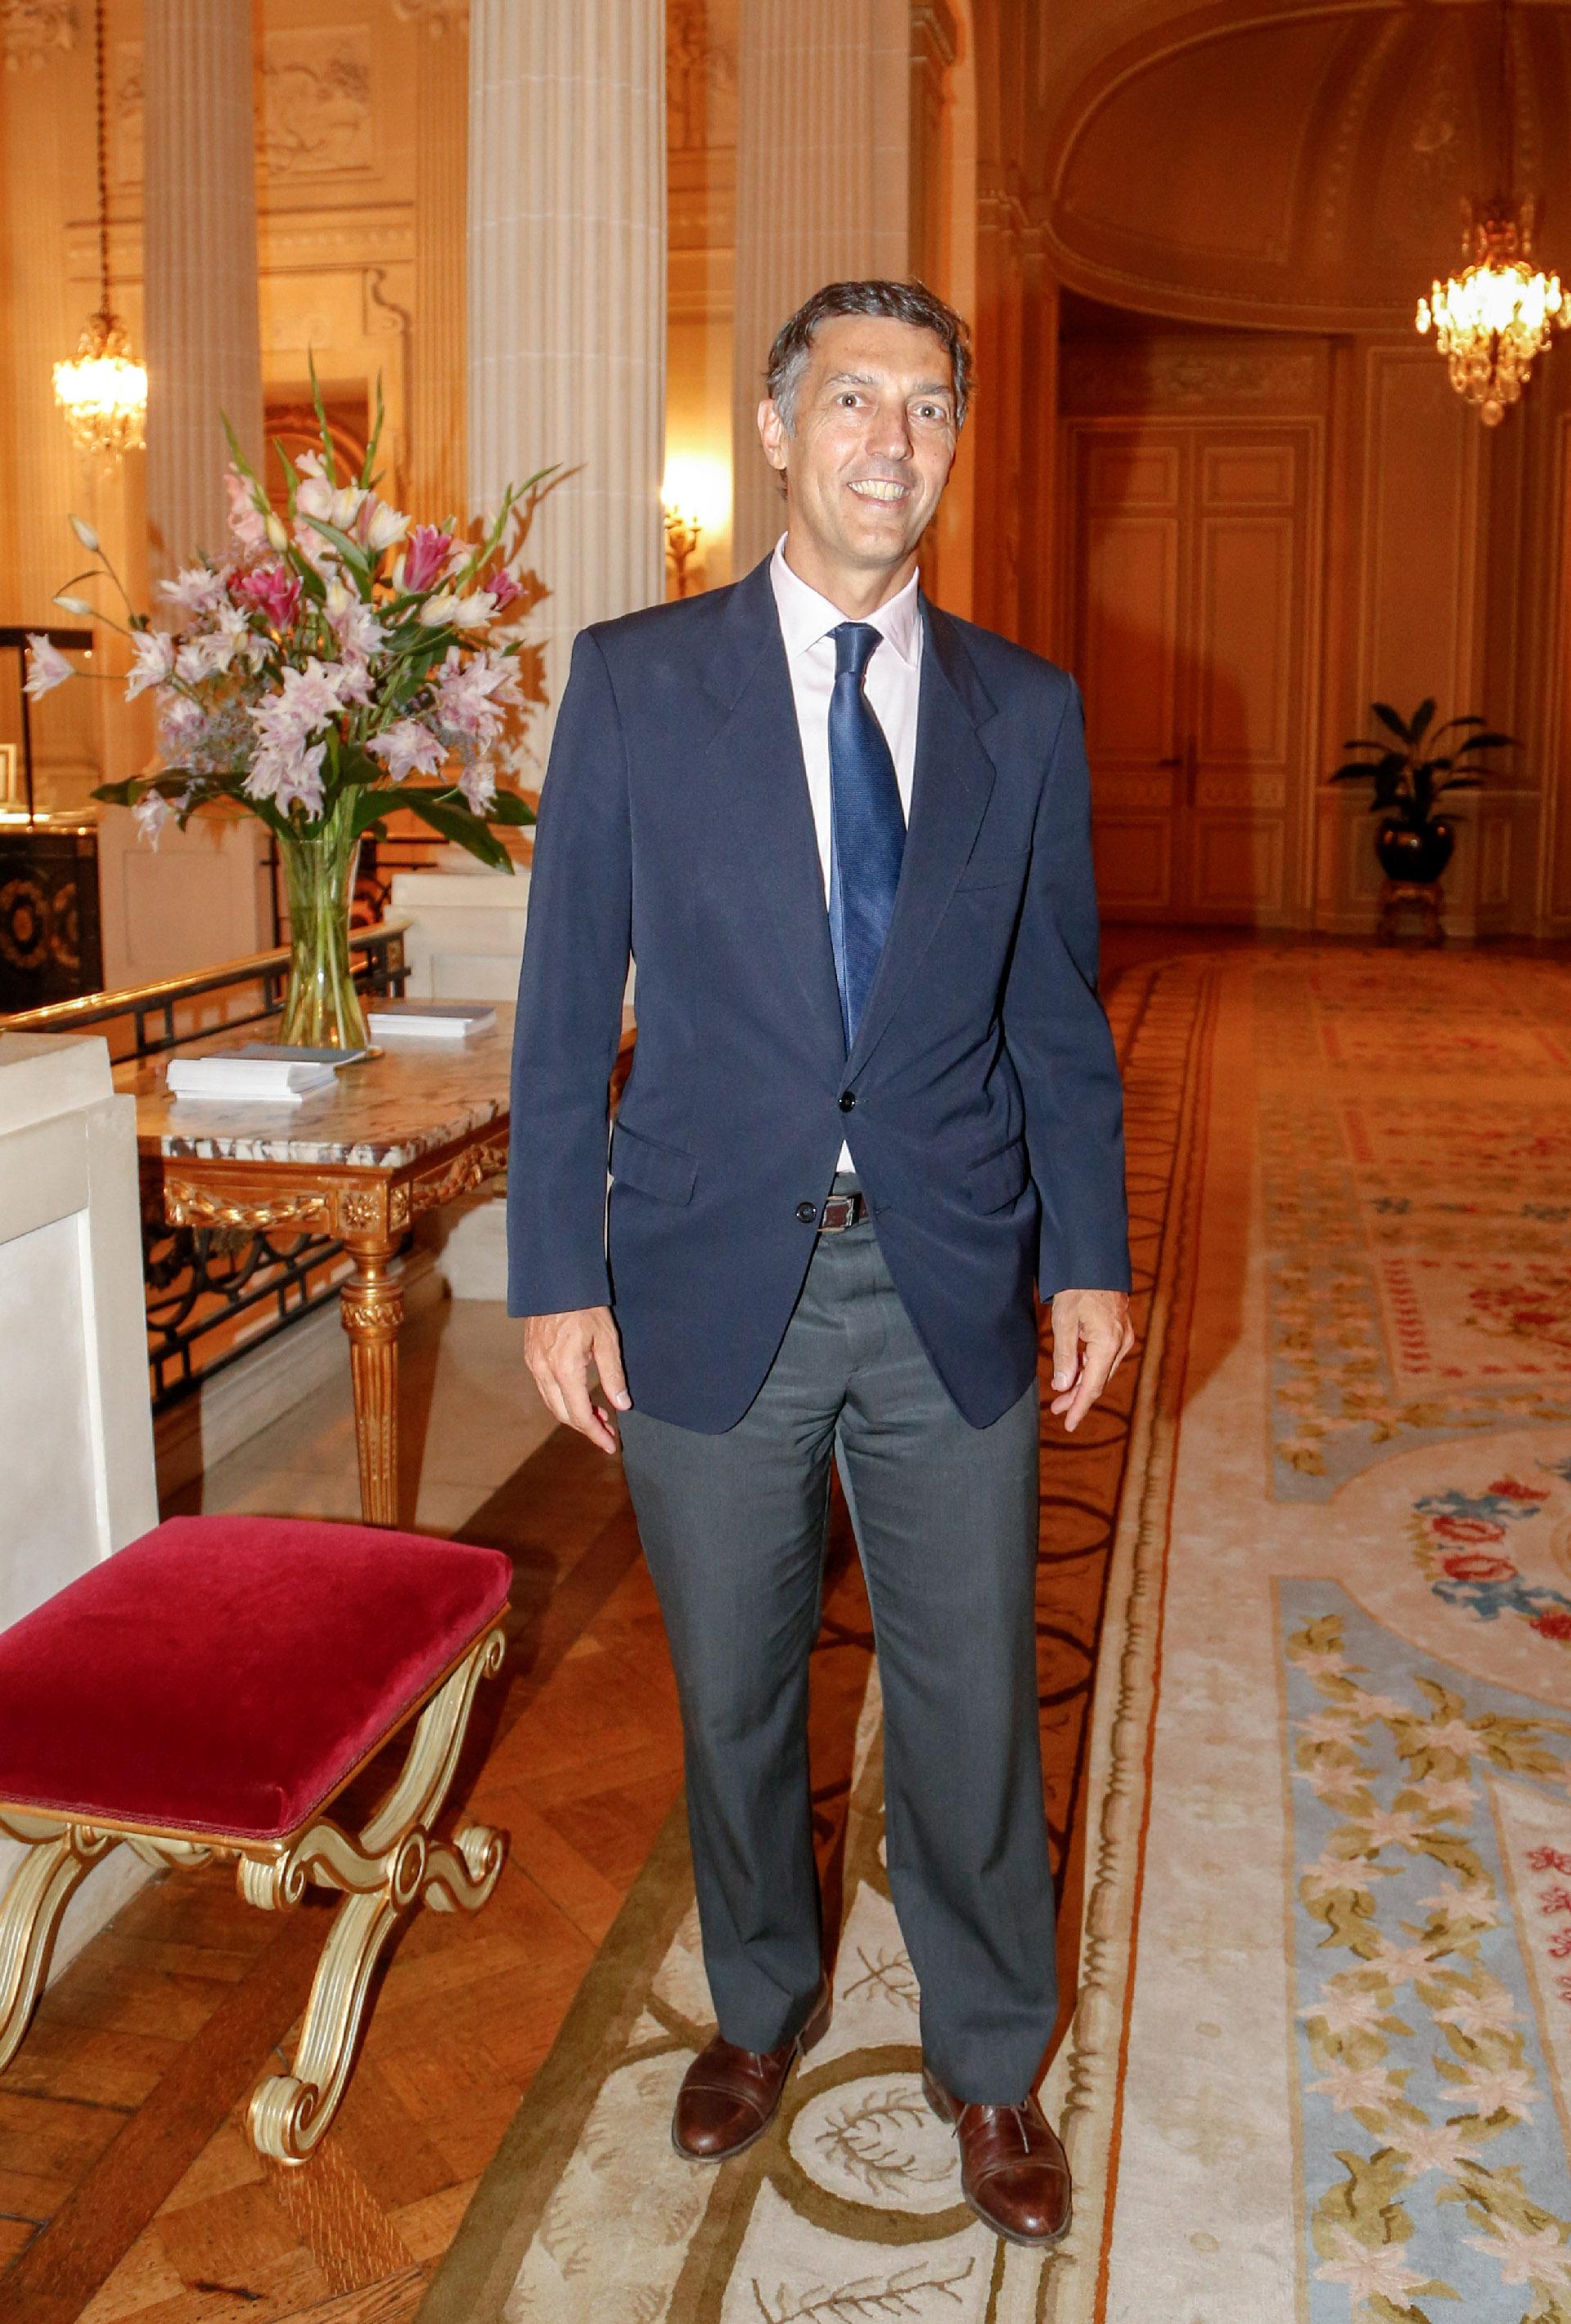 Facundo Gómez Minujín (JP Morgan y miembro del board de AmCham)